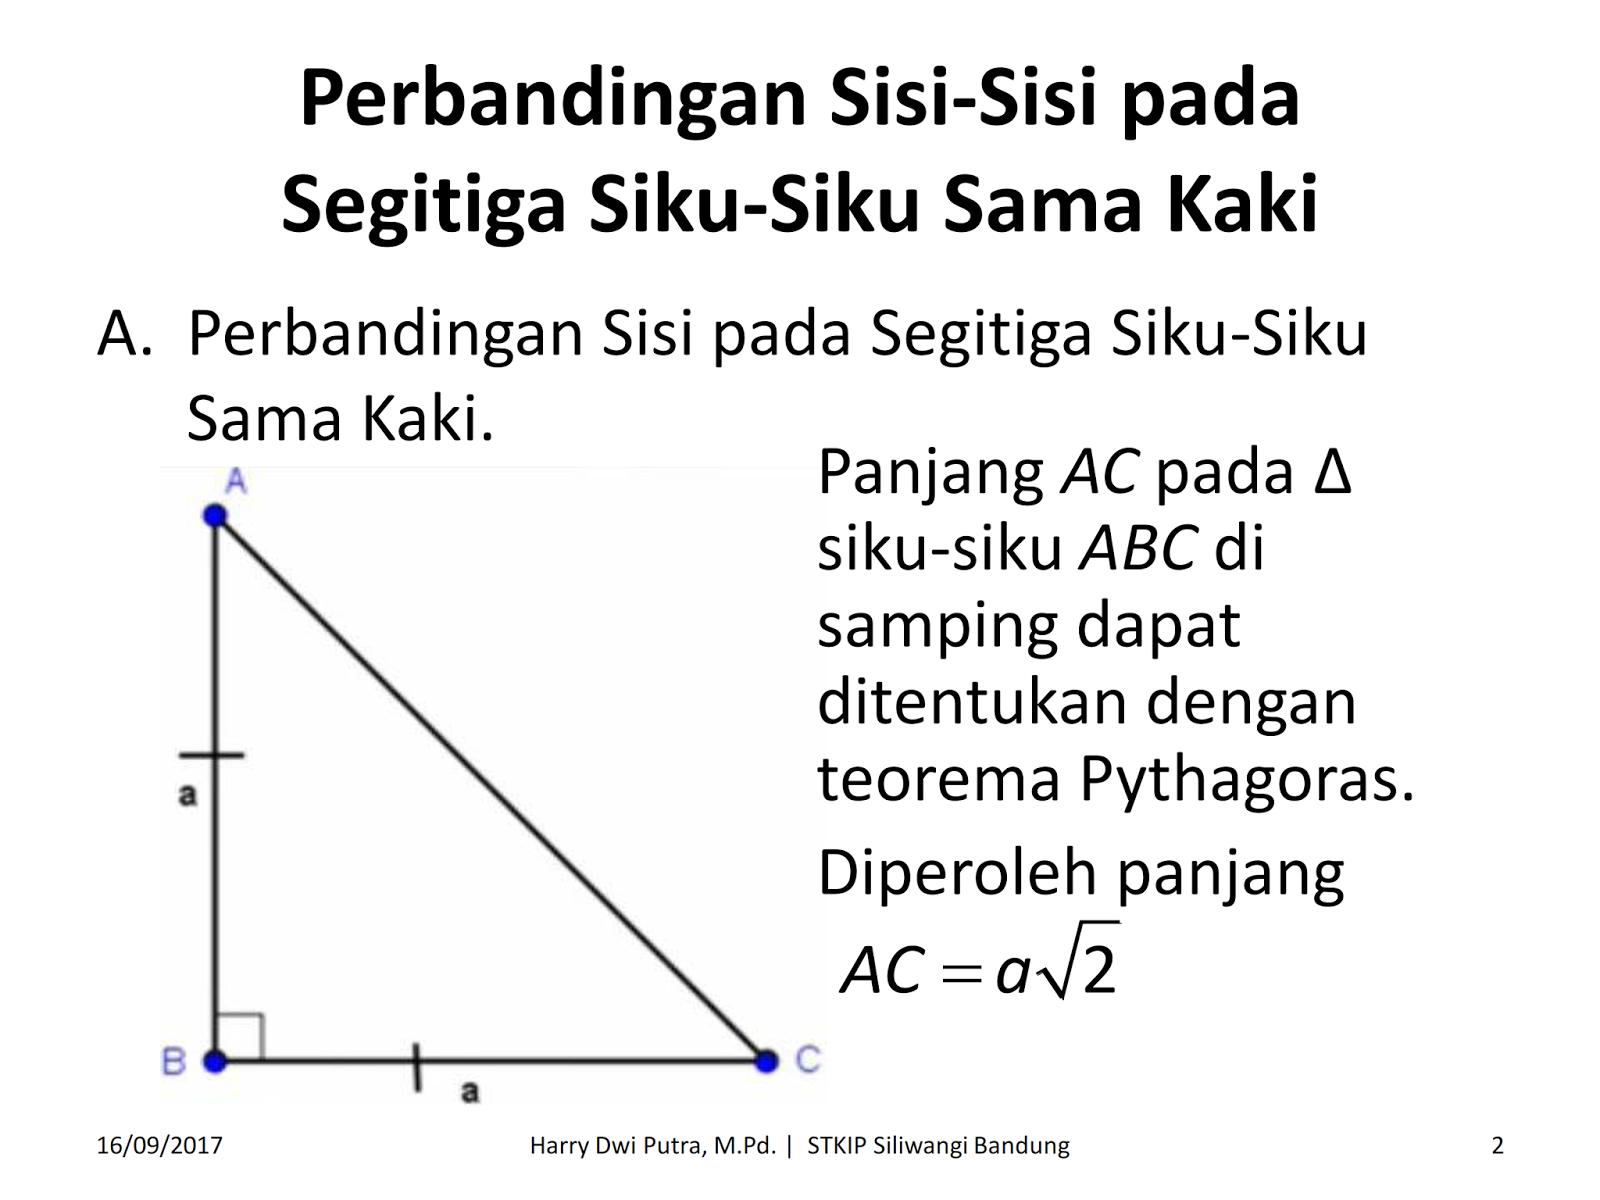 Perbandingan Sisi Sisi Segitiga Siku Siku ~ Dr. Harry Dwi Putra, M.Pd.